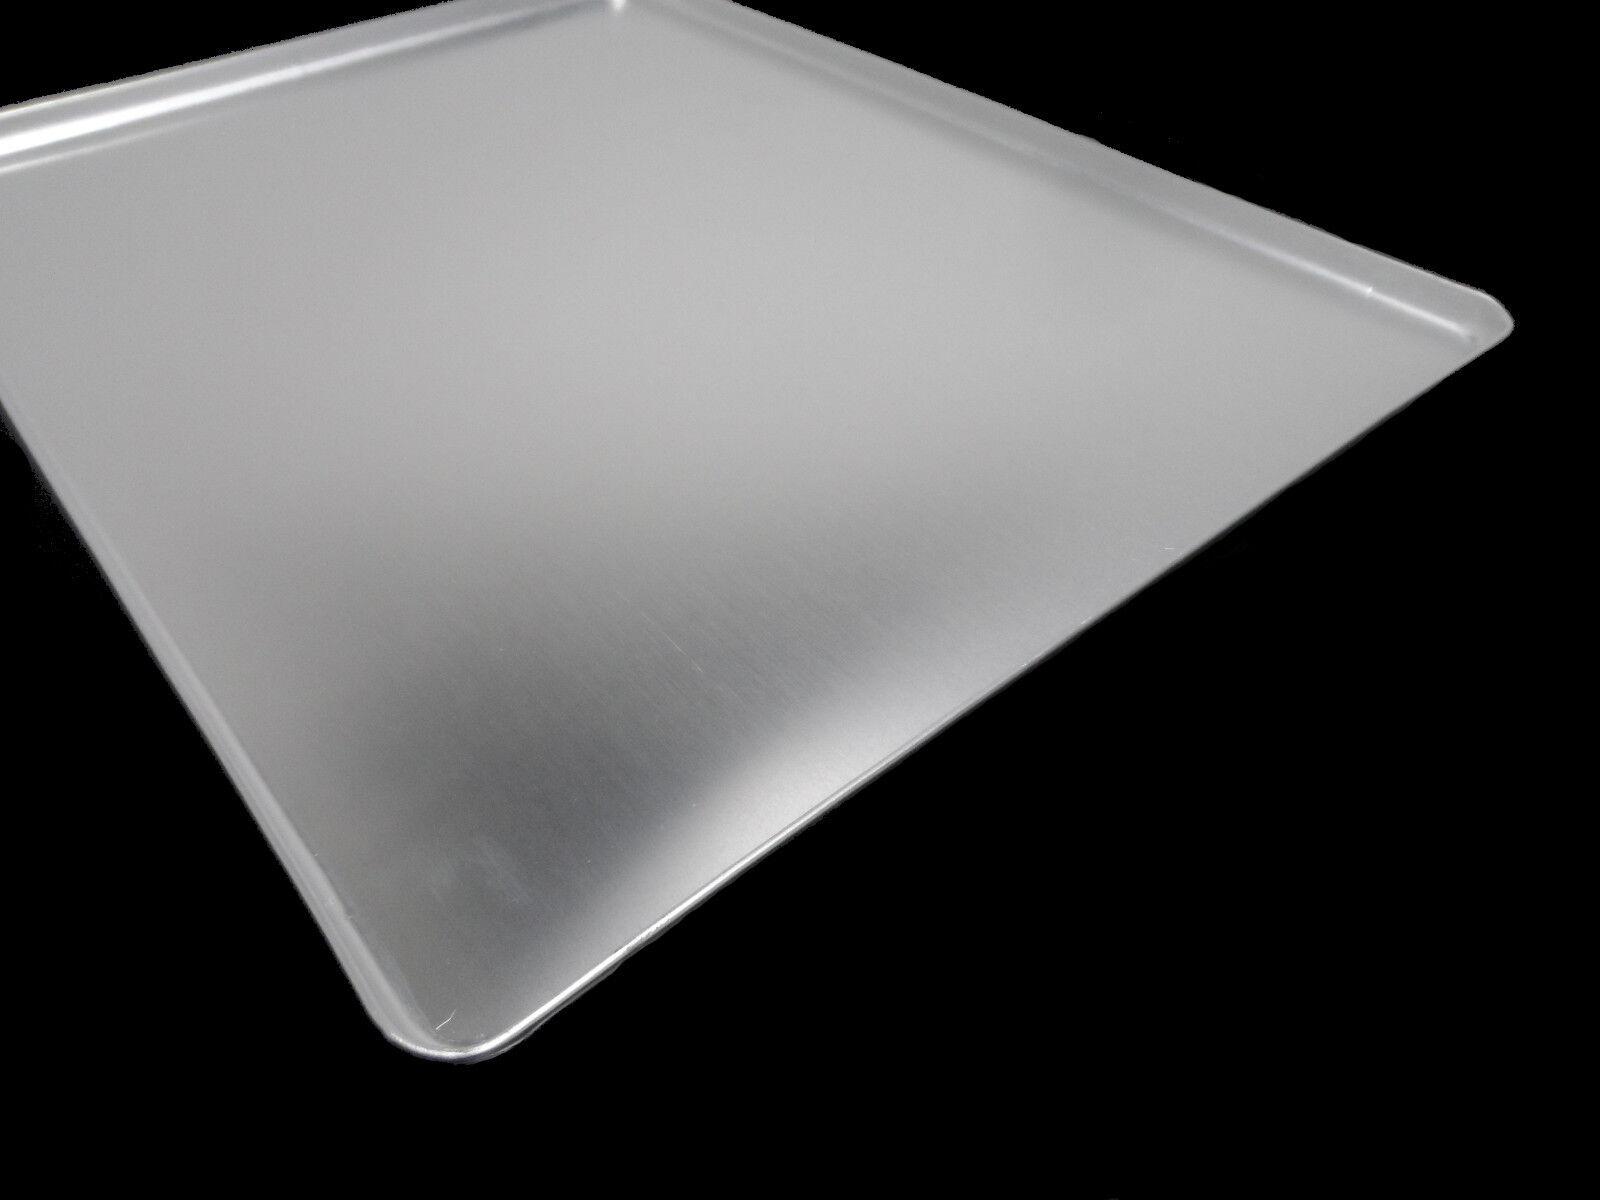 10 PLACAS DE MOSTRADOR 40x30x1cm chapa aluminio NUEVO EXPOSITORA